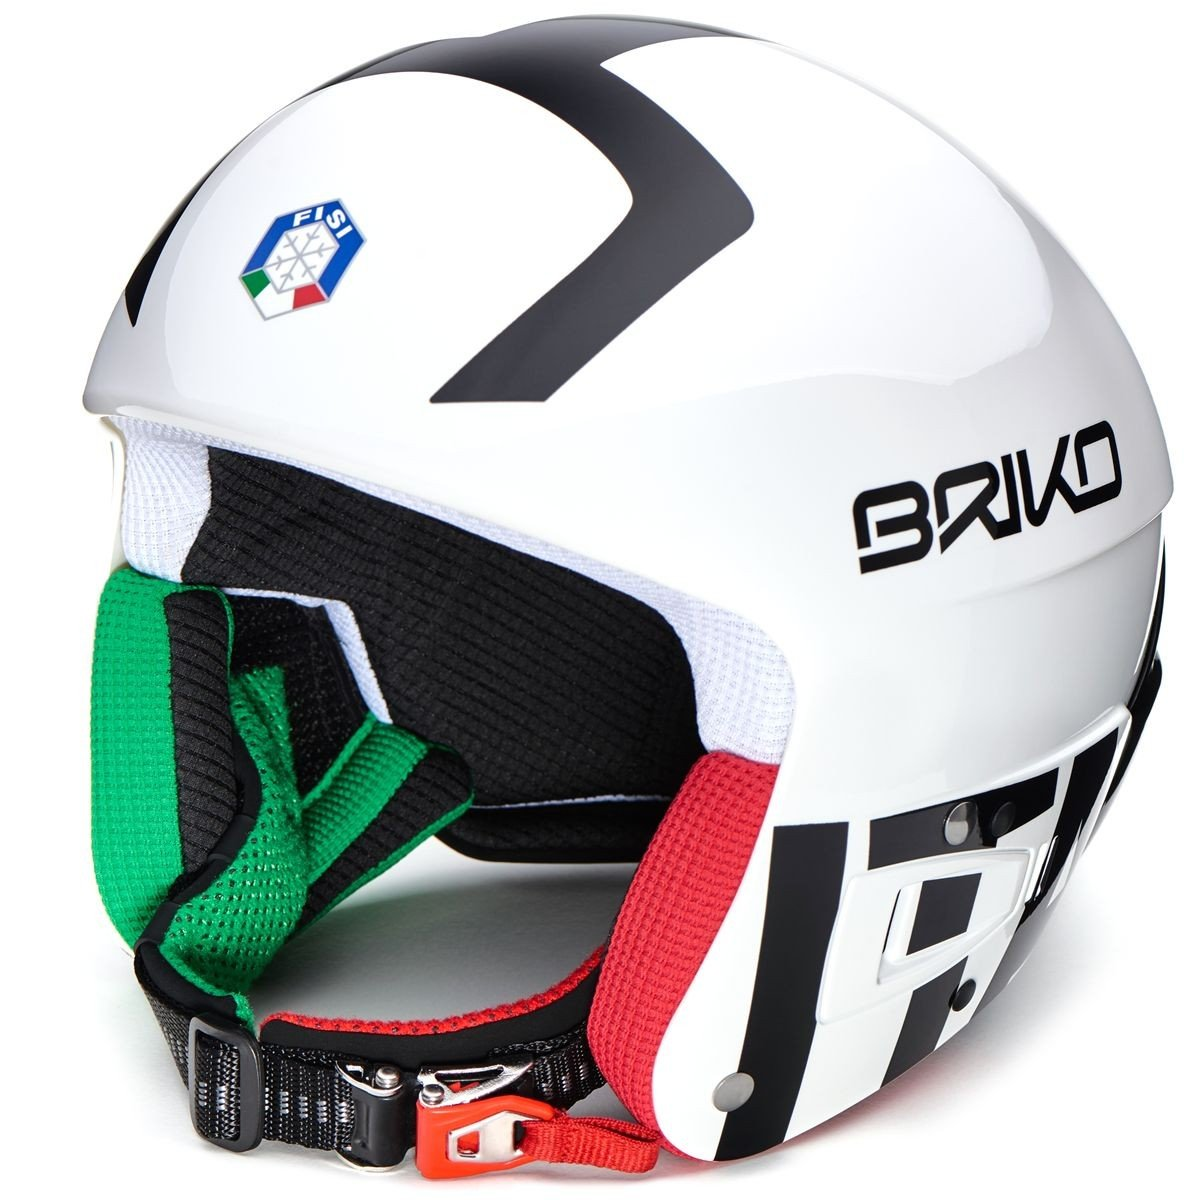 ブリコ レーシング ヘルメット BRIKO VULCANO FIS 6.8 - FISI ホワイト/ブラック [2001JV0-F10-60CM]   B01N4KV4A7